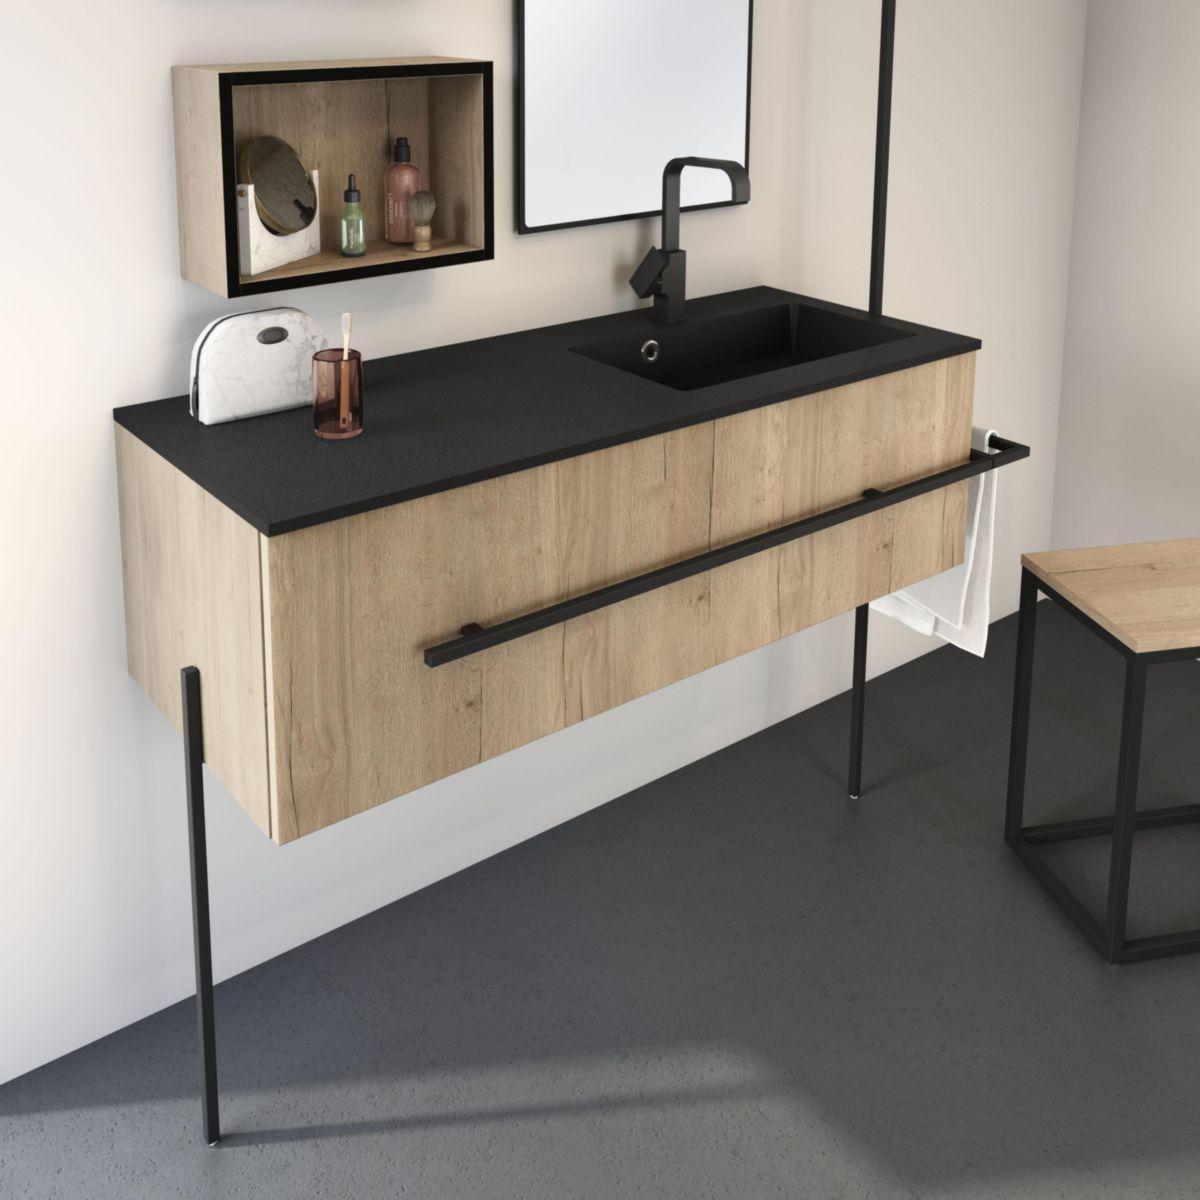 Alterna Pieds Pour Meuble Sous Vasque Noir Mat Hauteur 53cm La Paire All The Way Decoceram